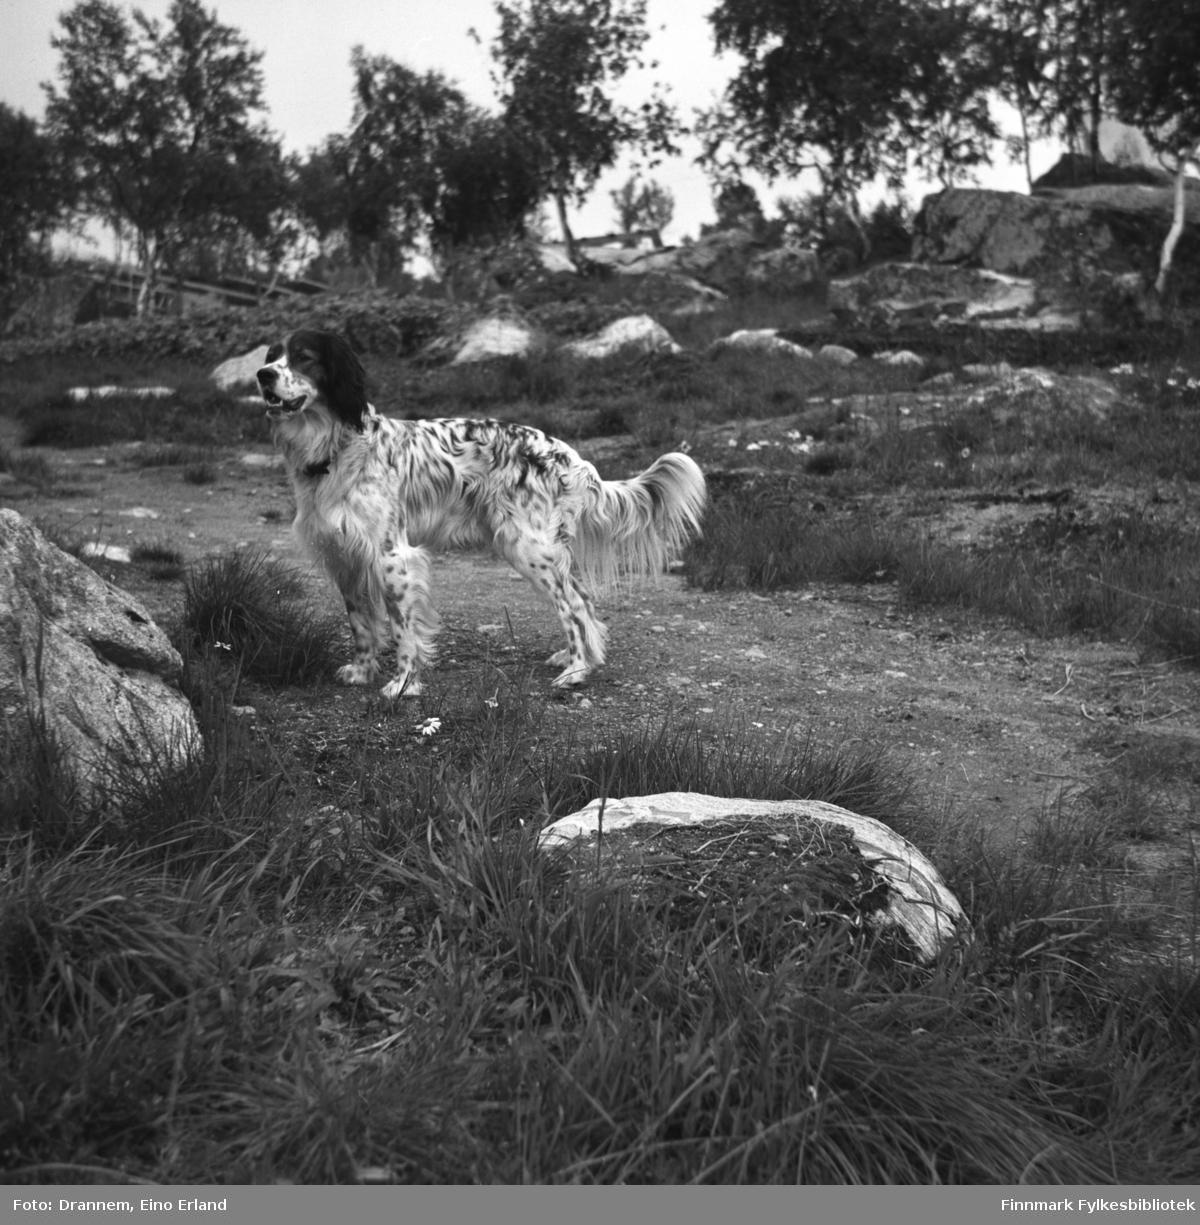 Hunden Rexi fotografert i terrenget.